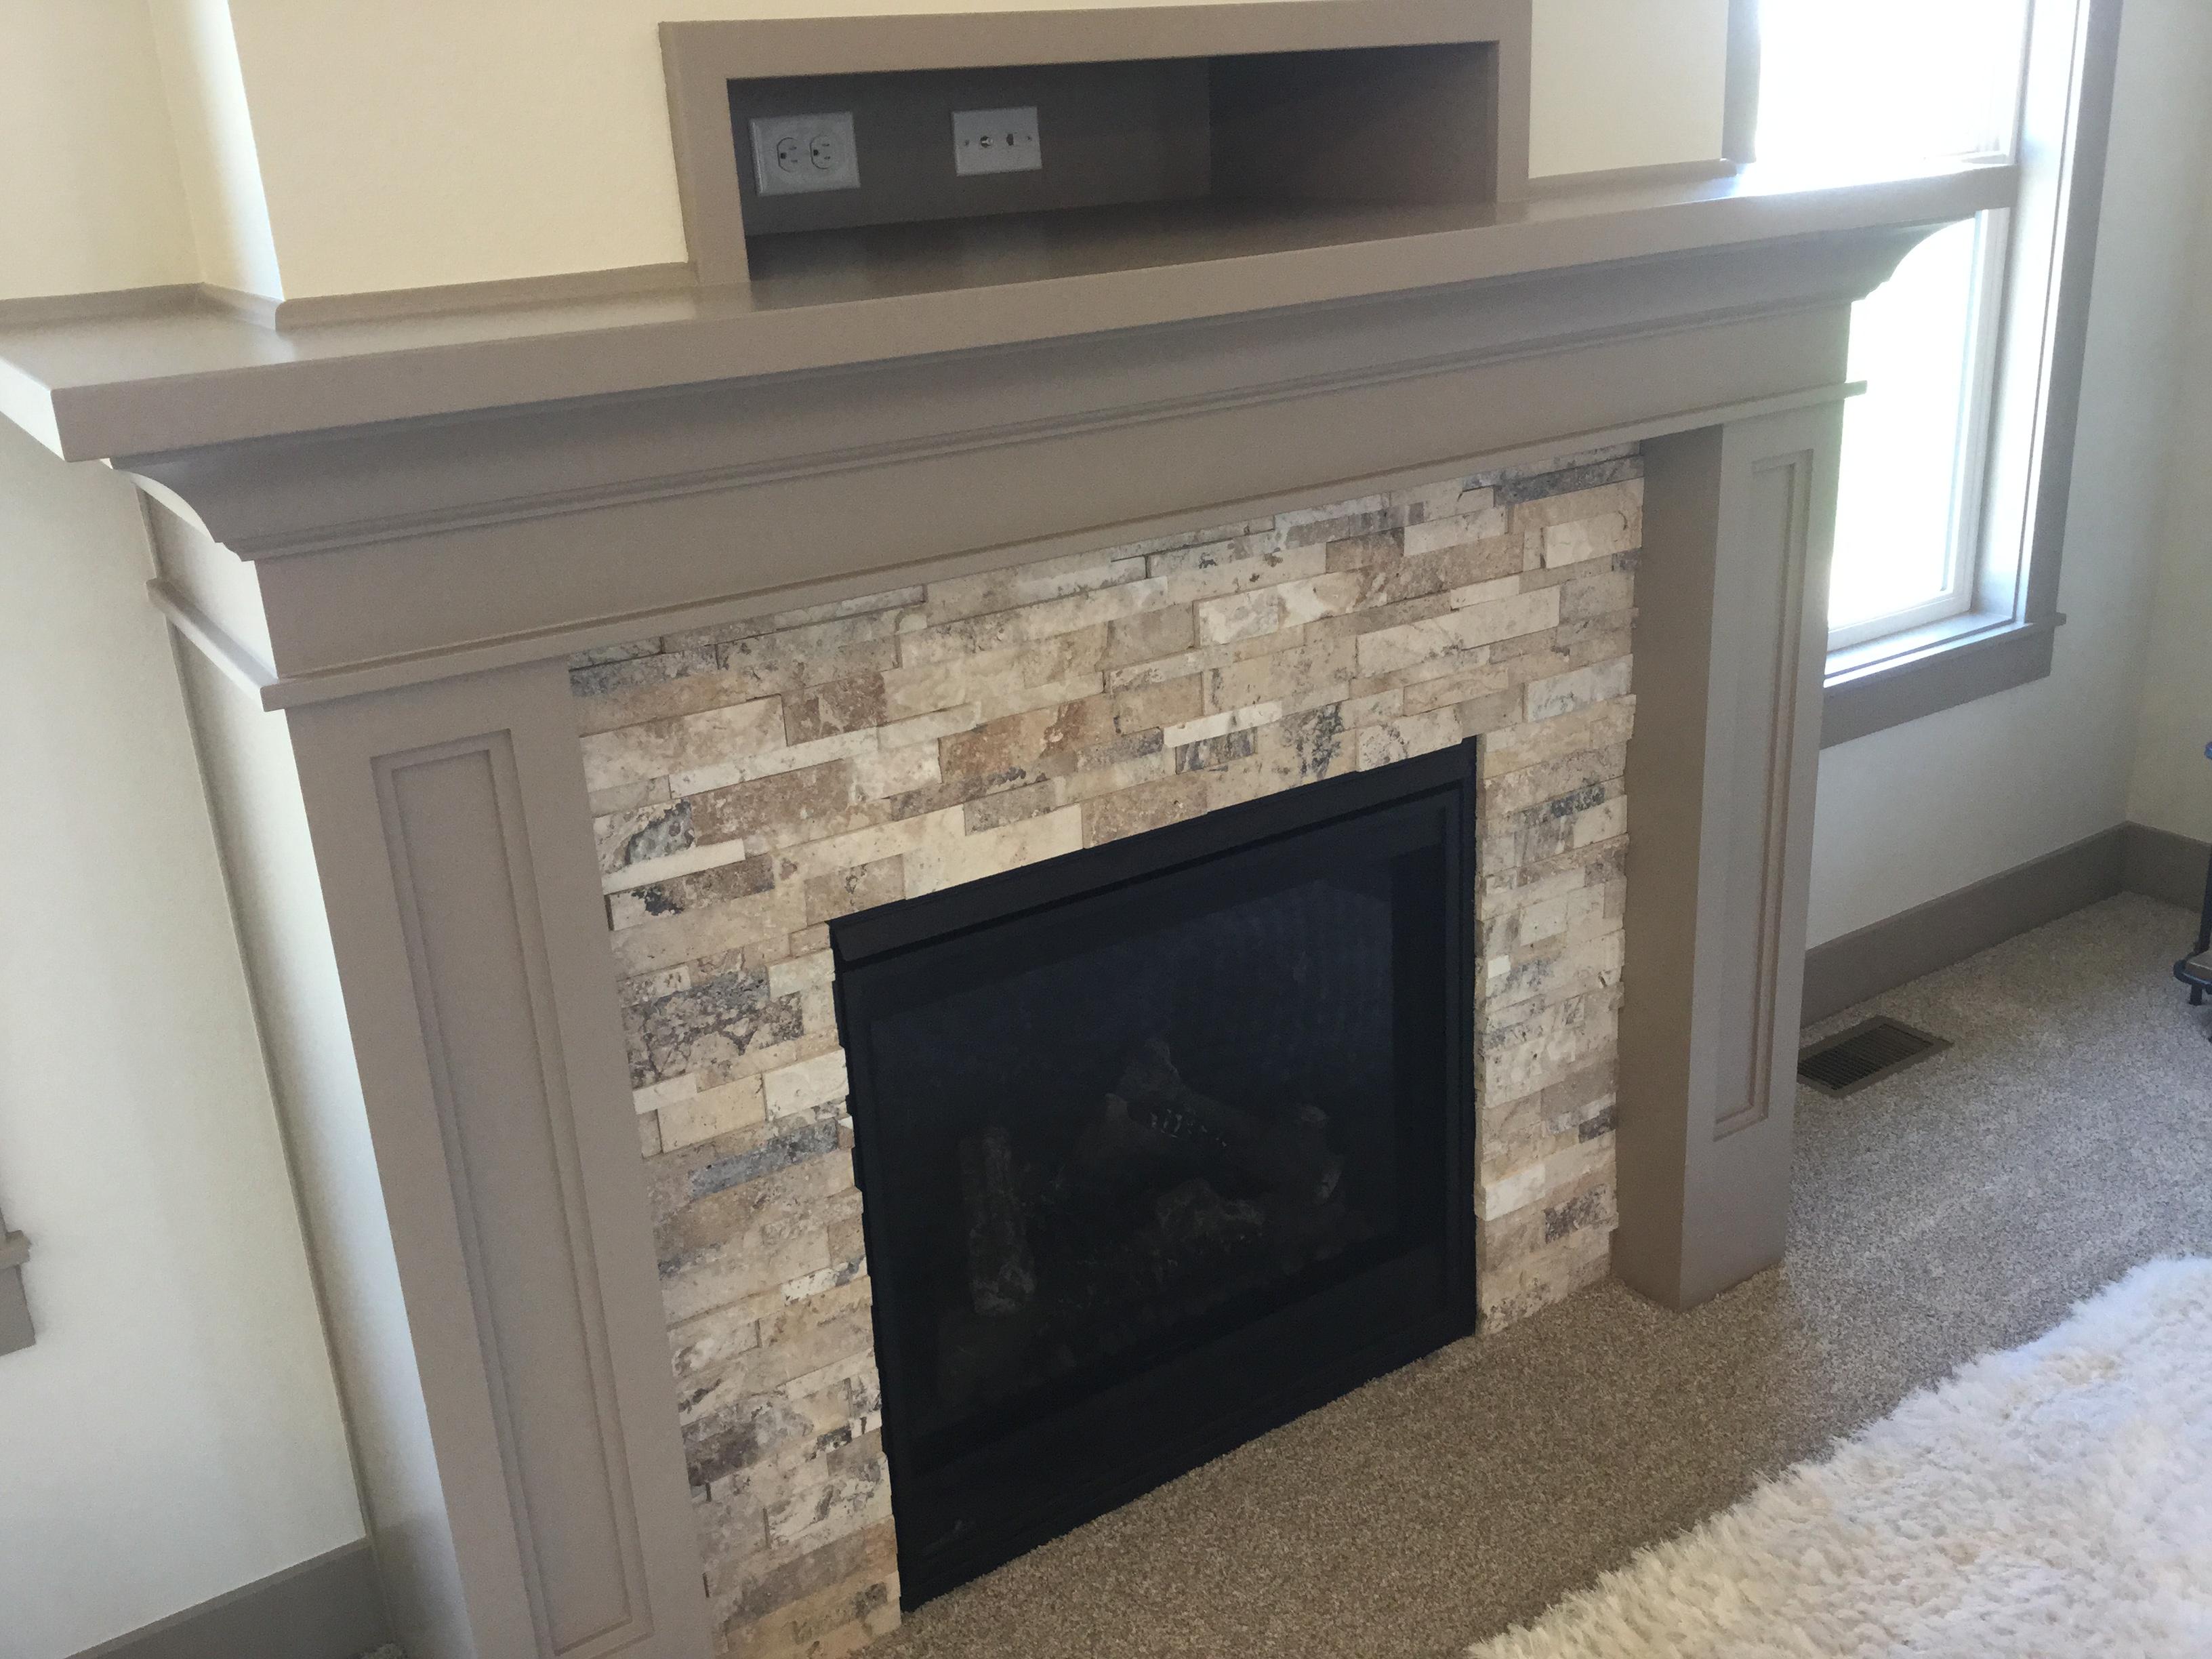 Magnolia Standard Fireplace